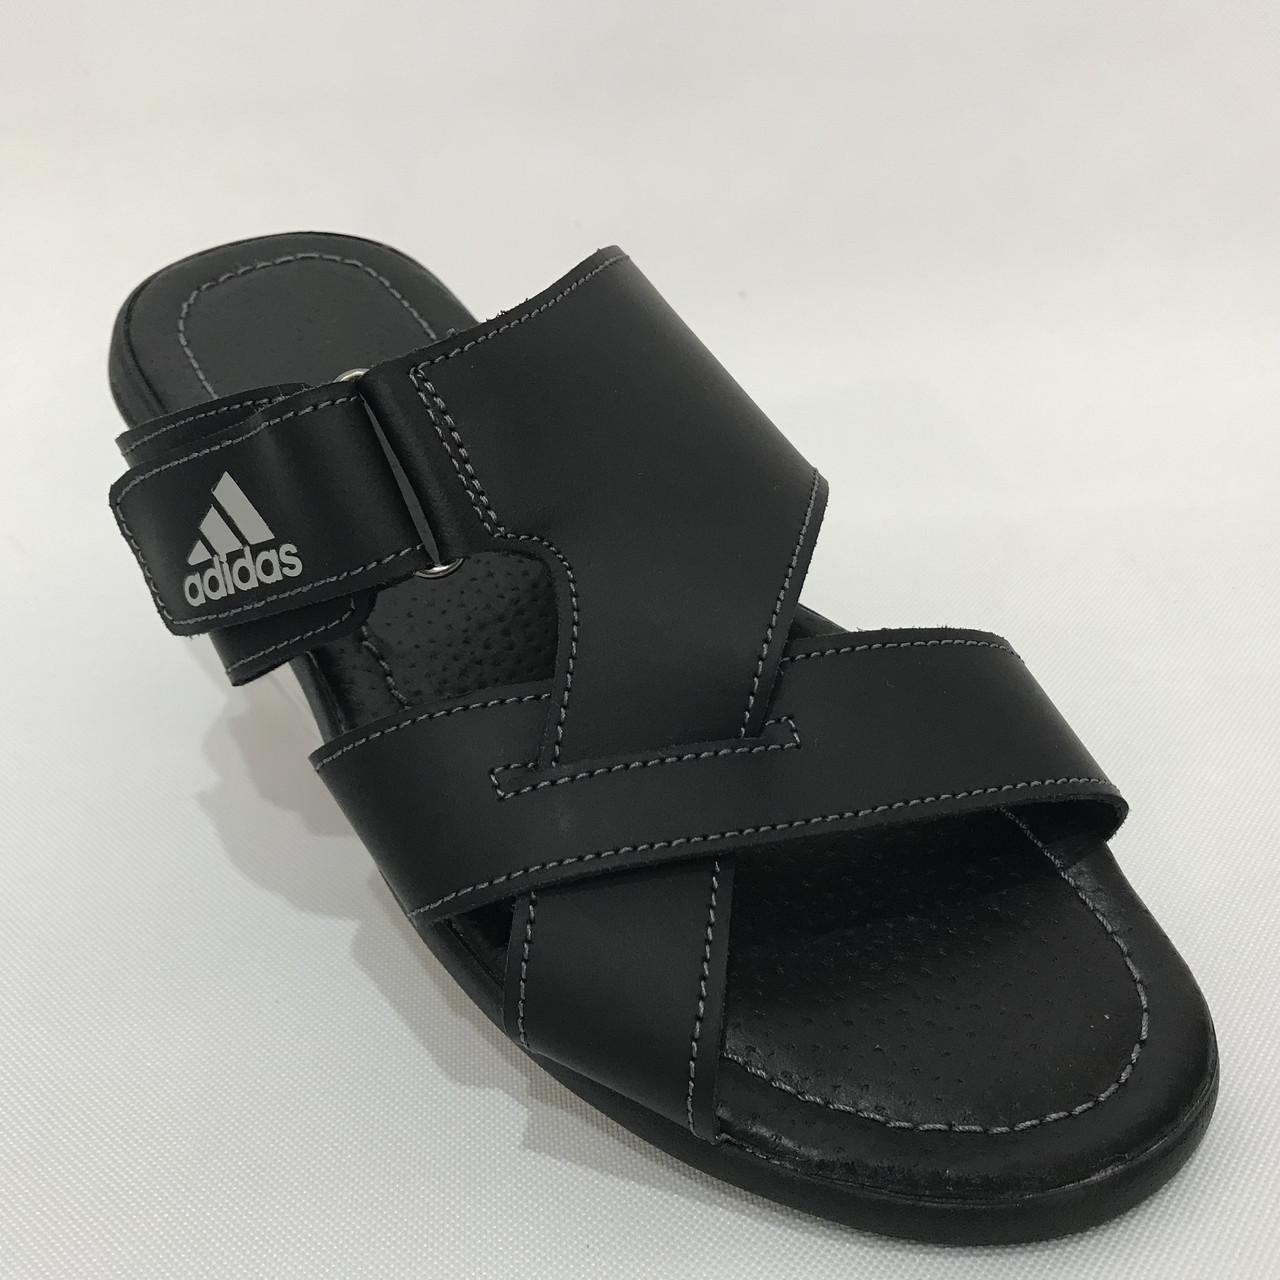 Мужские кожаные шлепки Adidas / черные 40,41 р